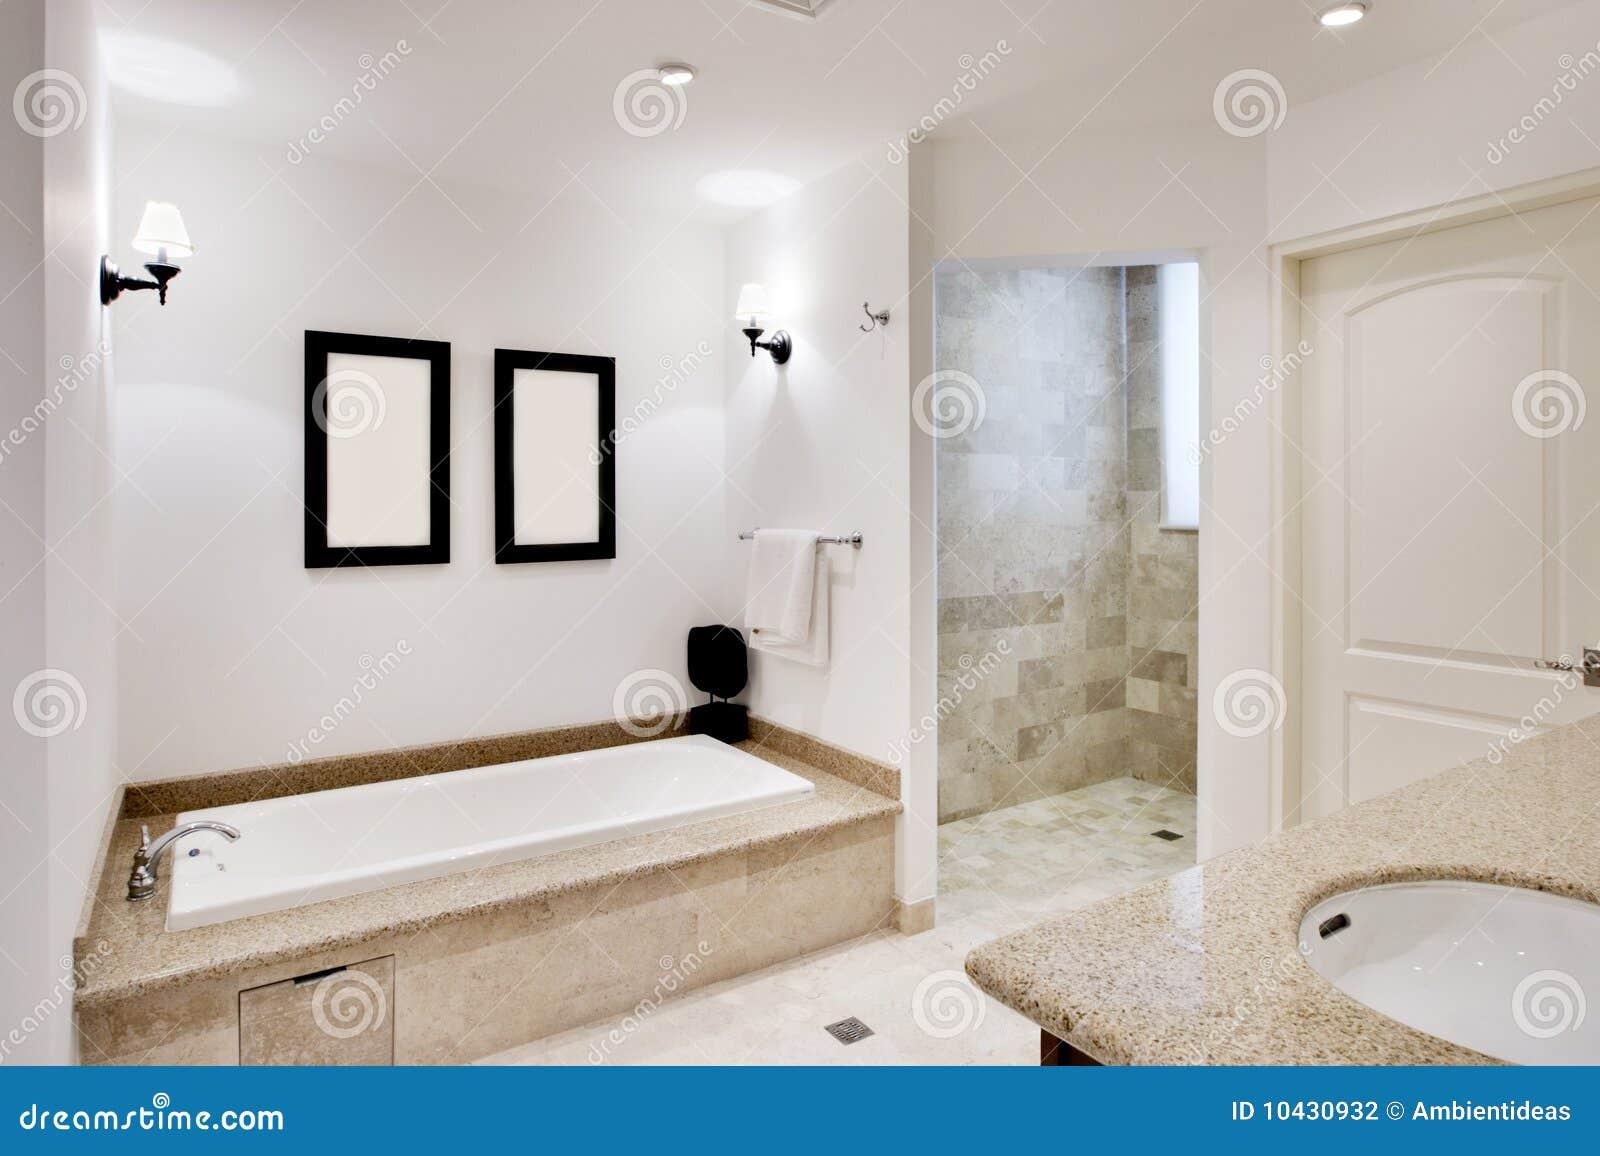 Cuarto de ba o con la tina y la ducha foto de archivo - Cuartos de bano con ducha ...